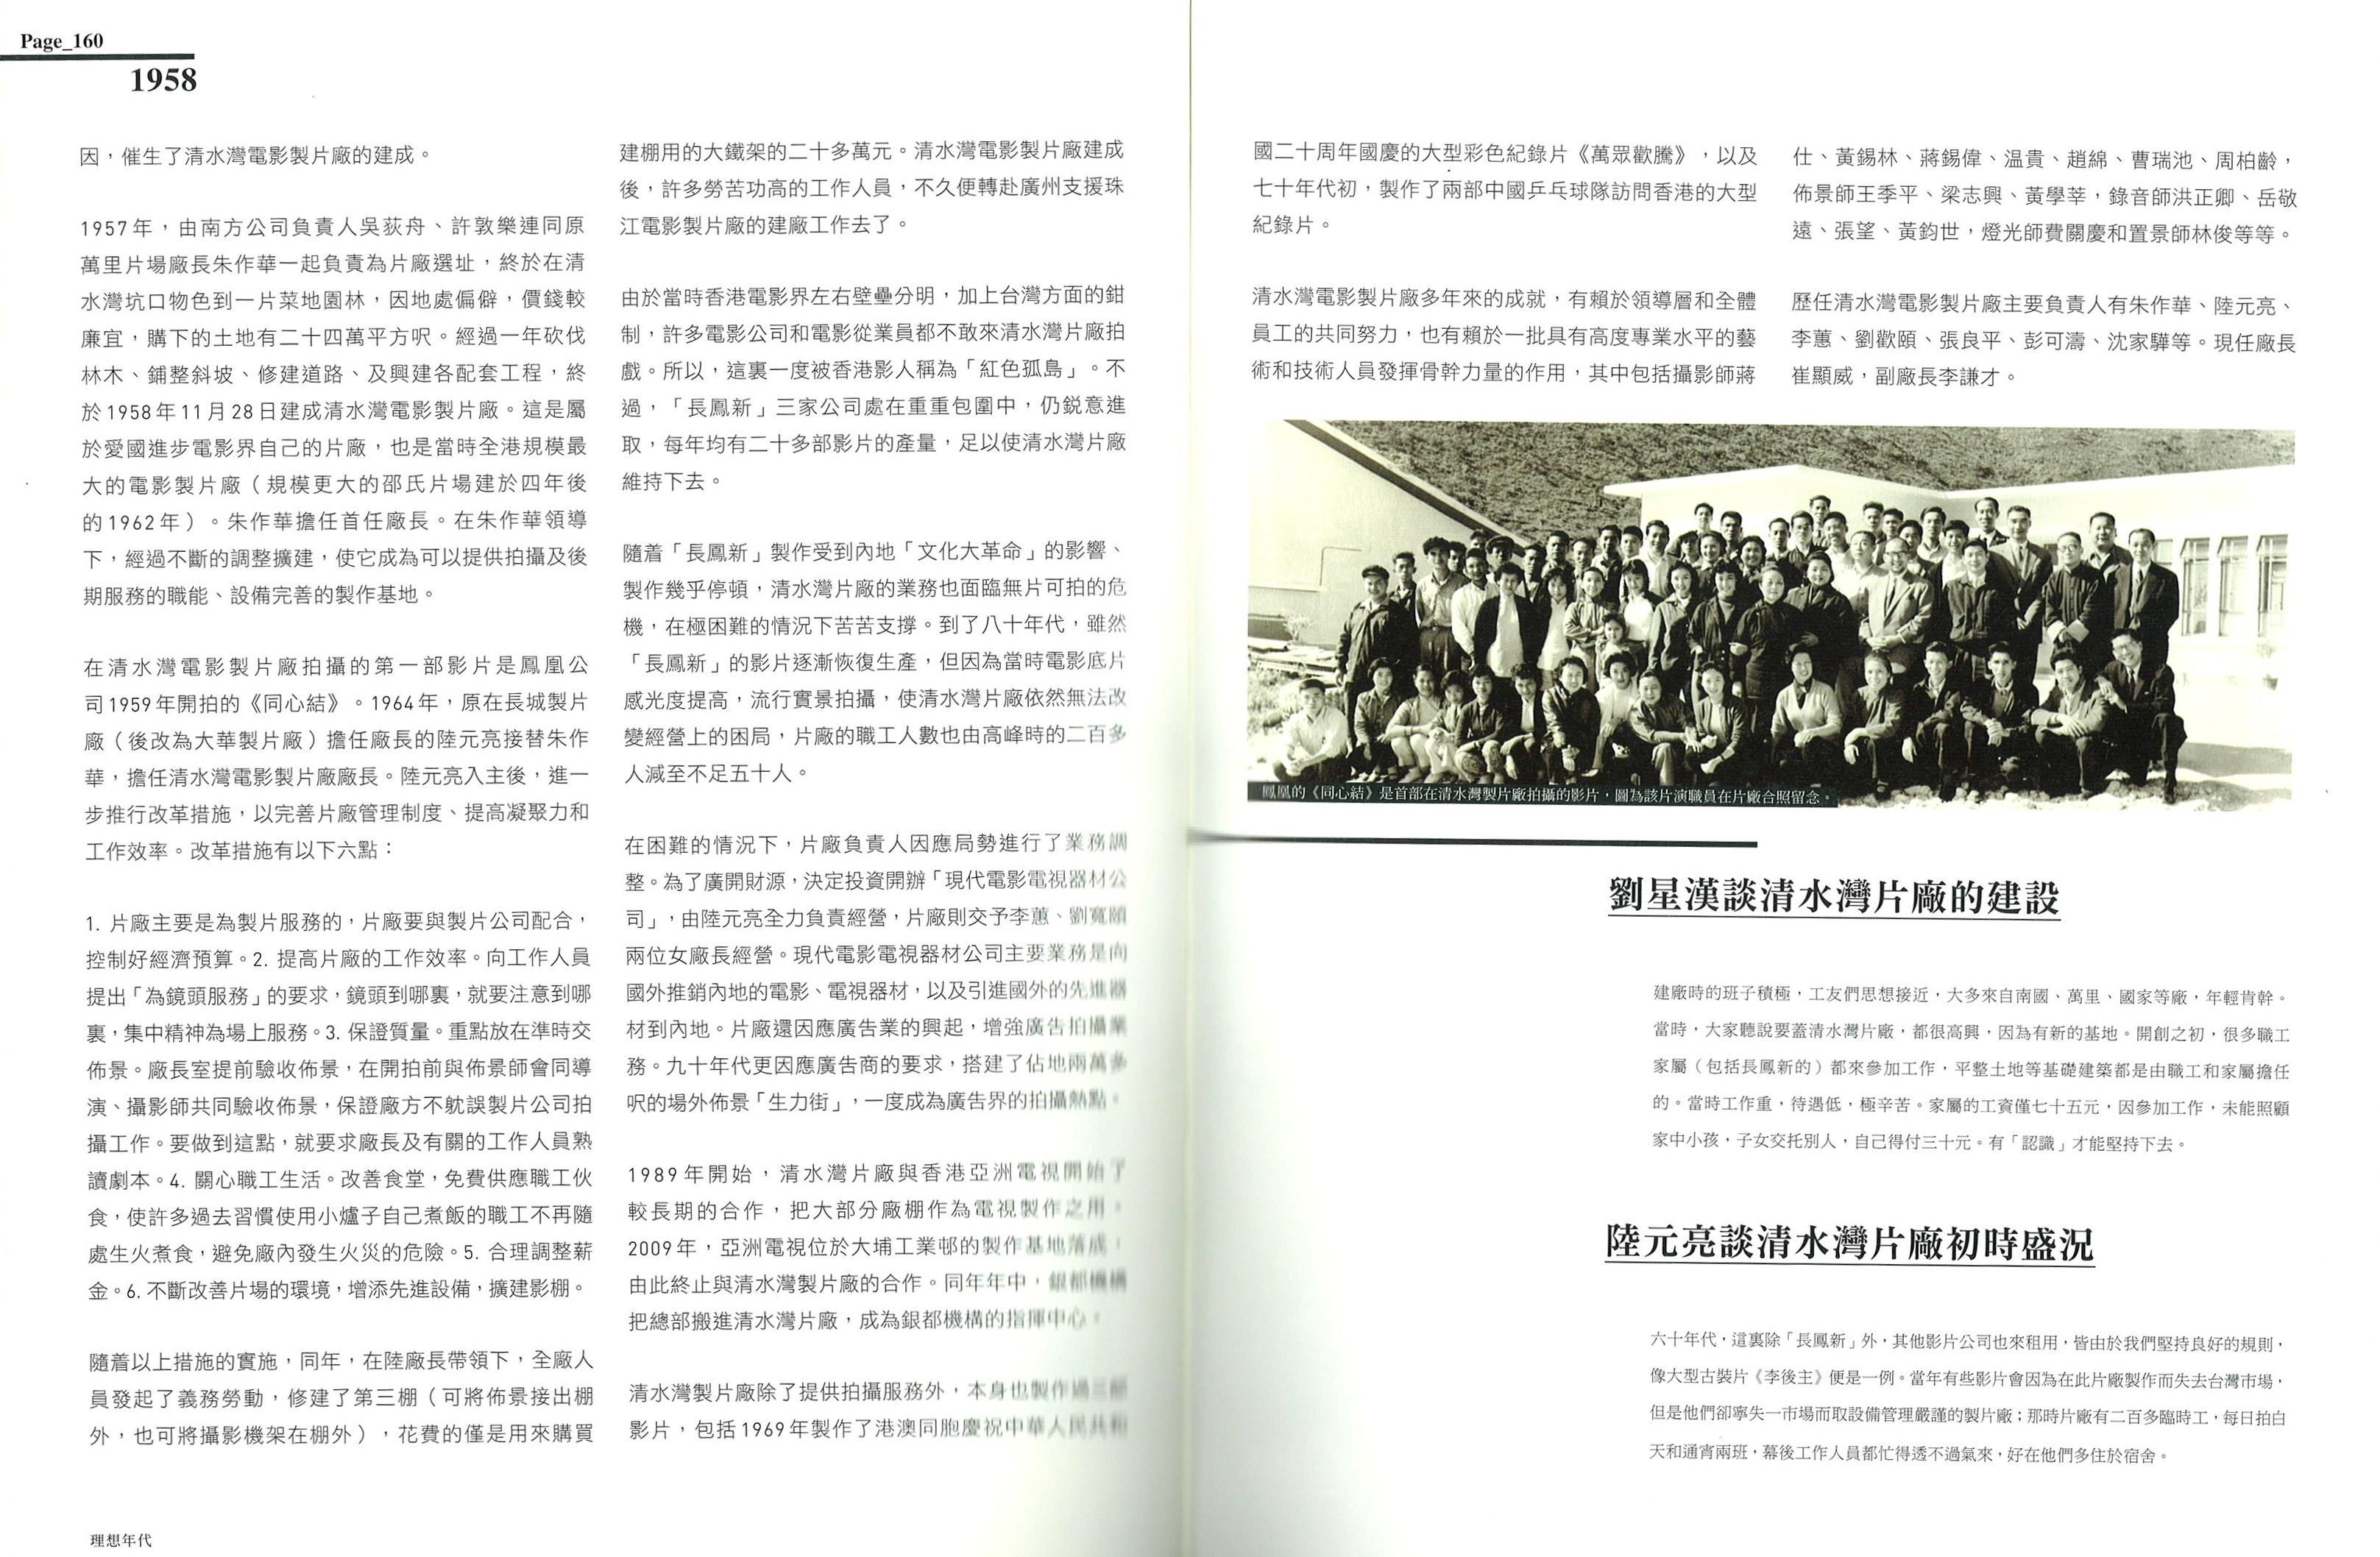 文章開頭提及吳荻舟當時負責選址等工作,還有清水灣片場廠長陸元亮談初時盛況。